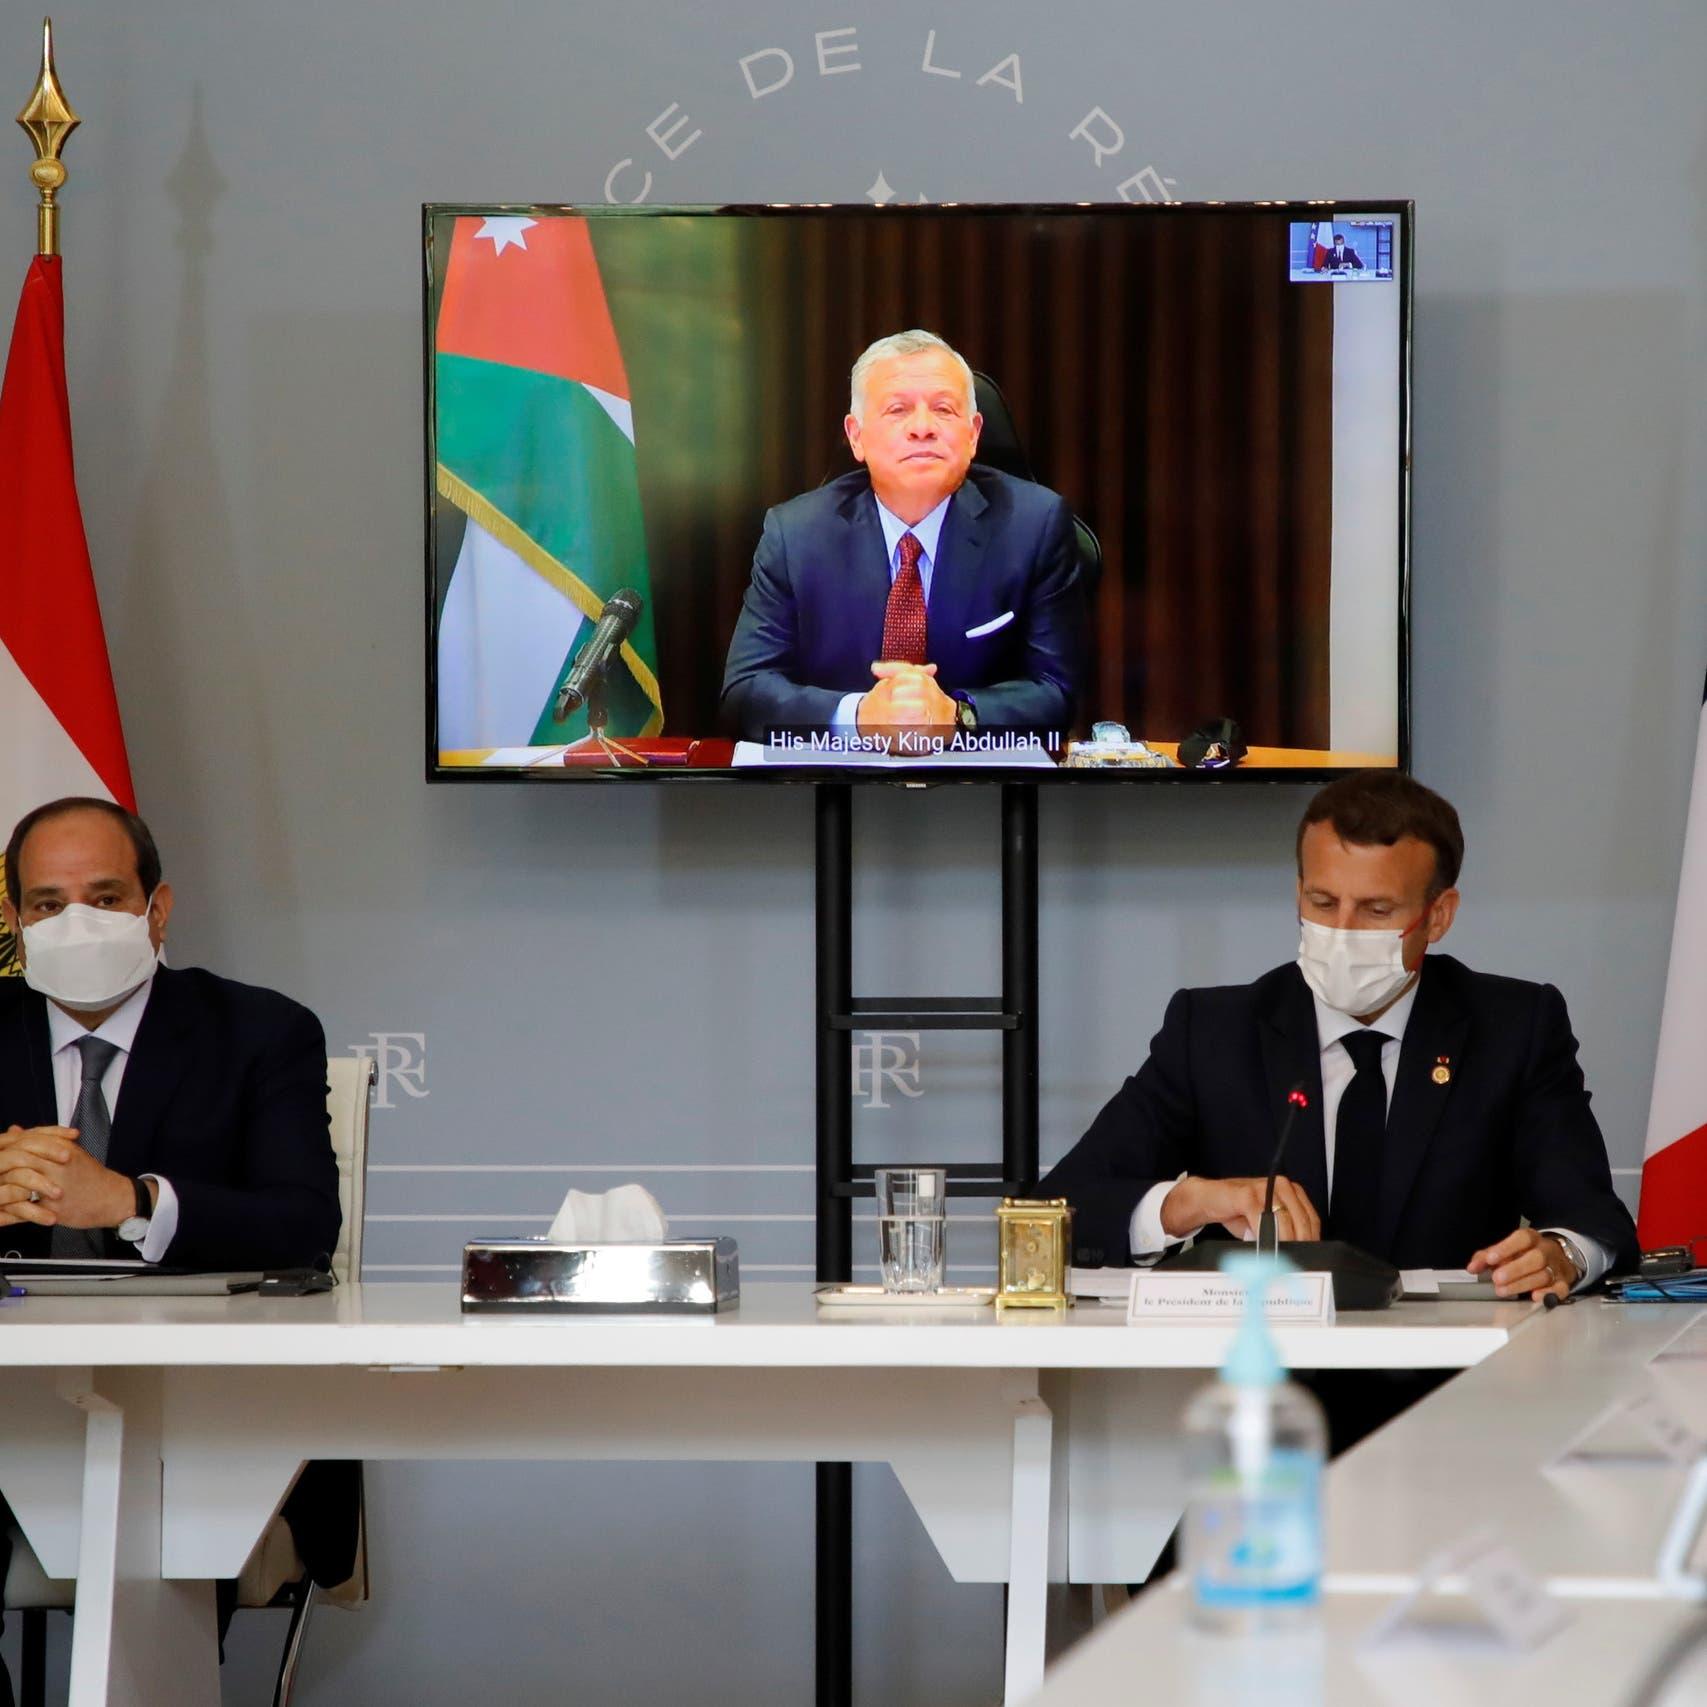 من ليبيا إلى غزة.. كيف لعبت مصر دورا محوريا؟